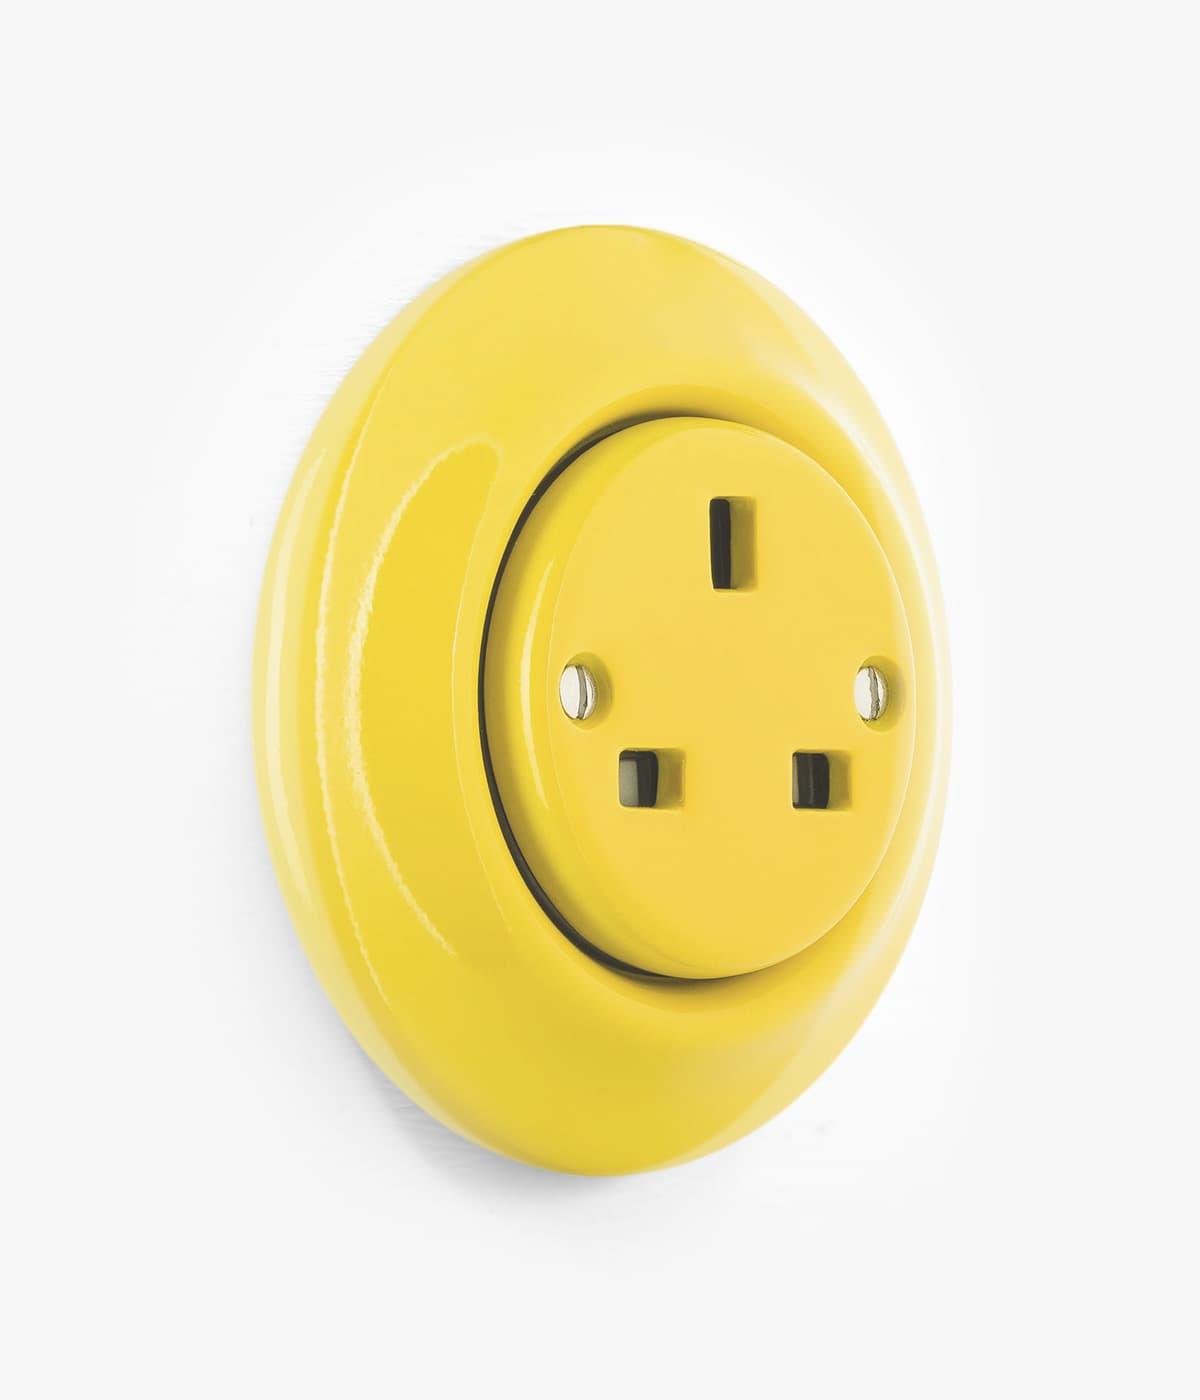 yellow plug socket